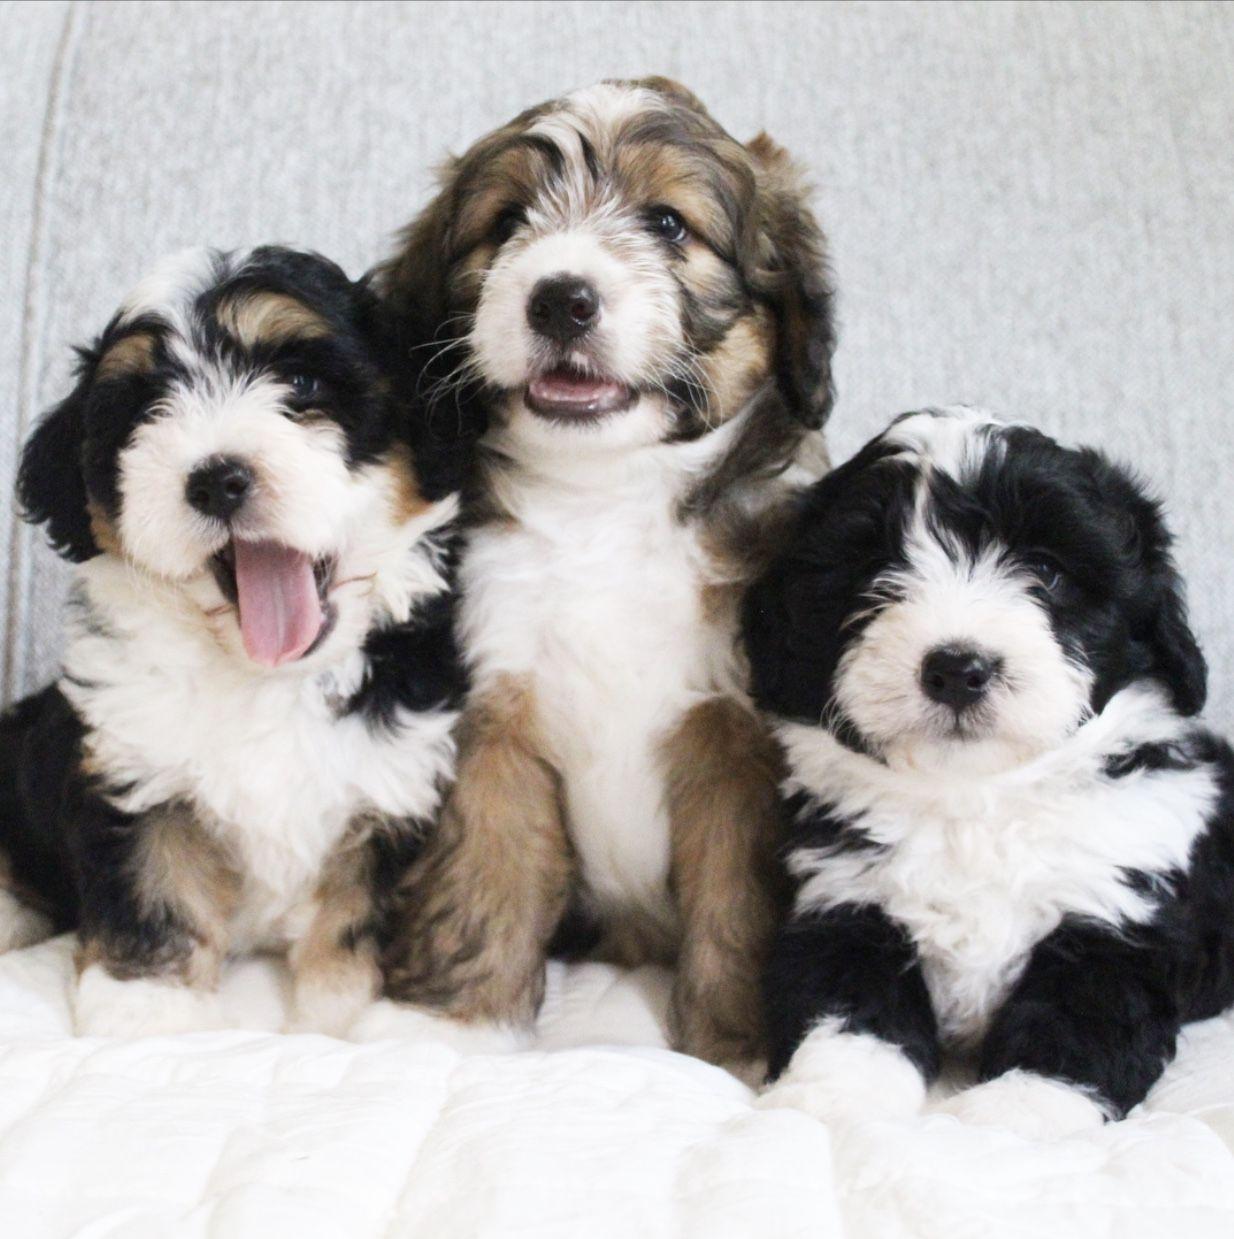 Golden Mountain Dog Puppies Texas 2021